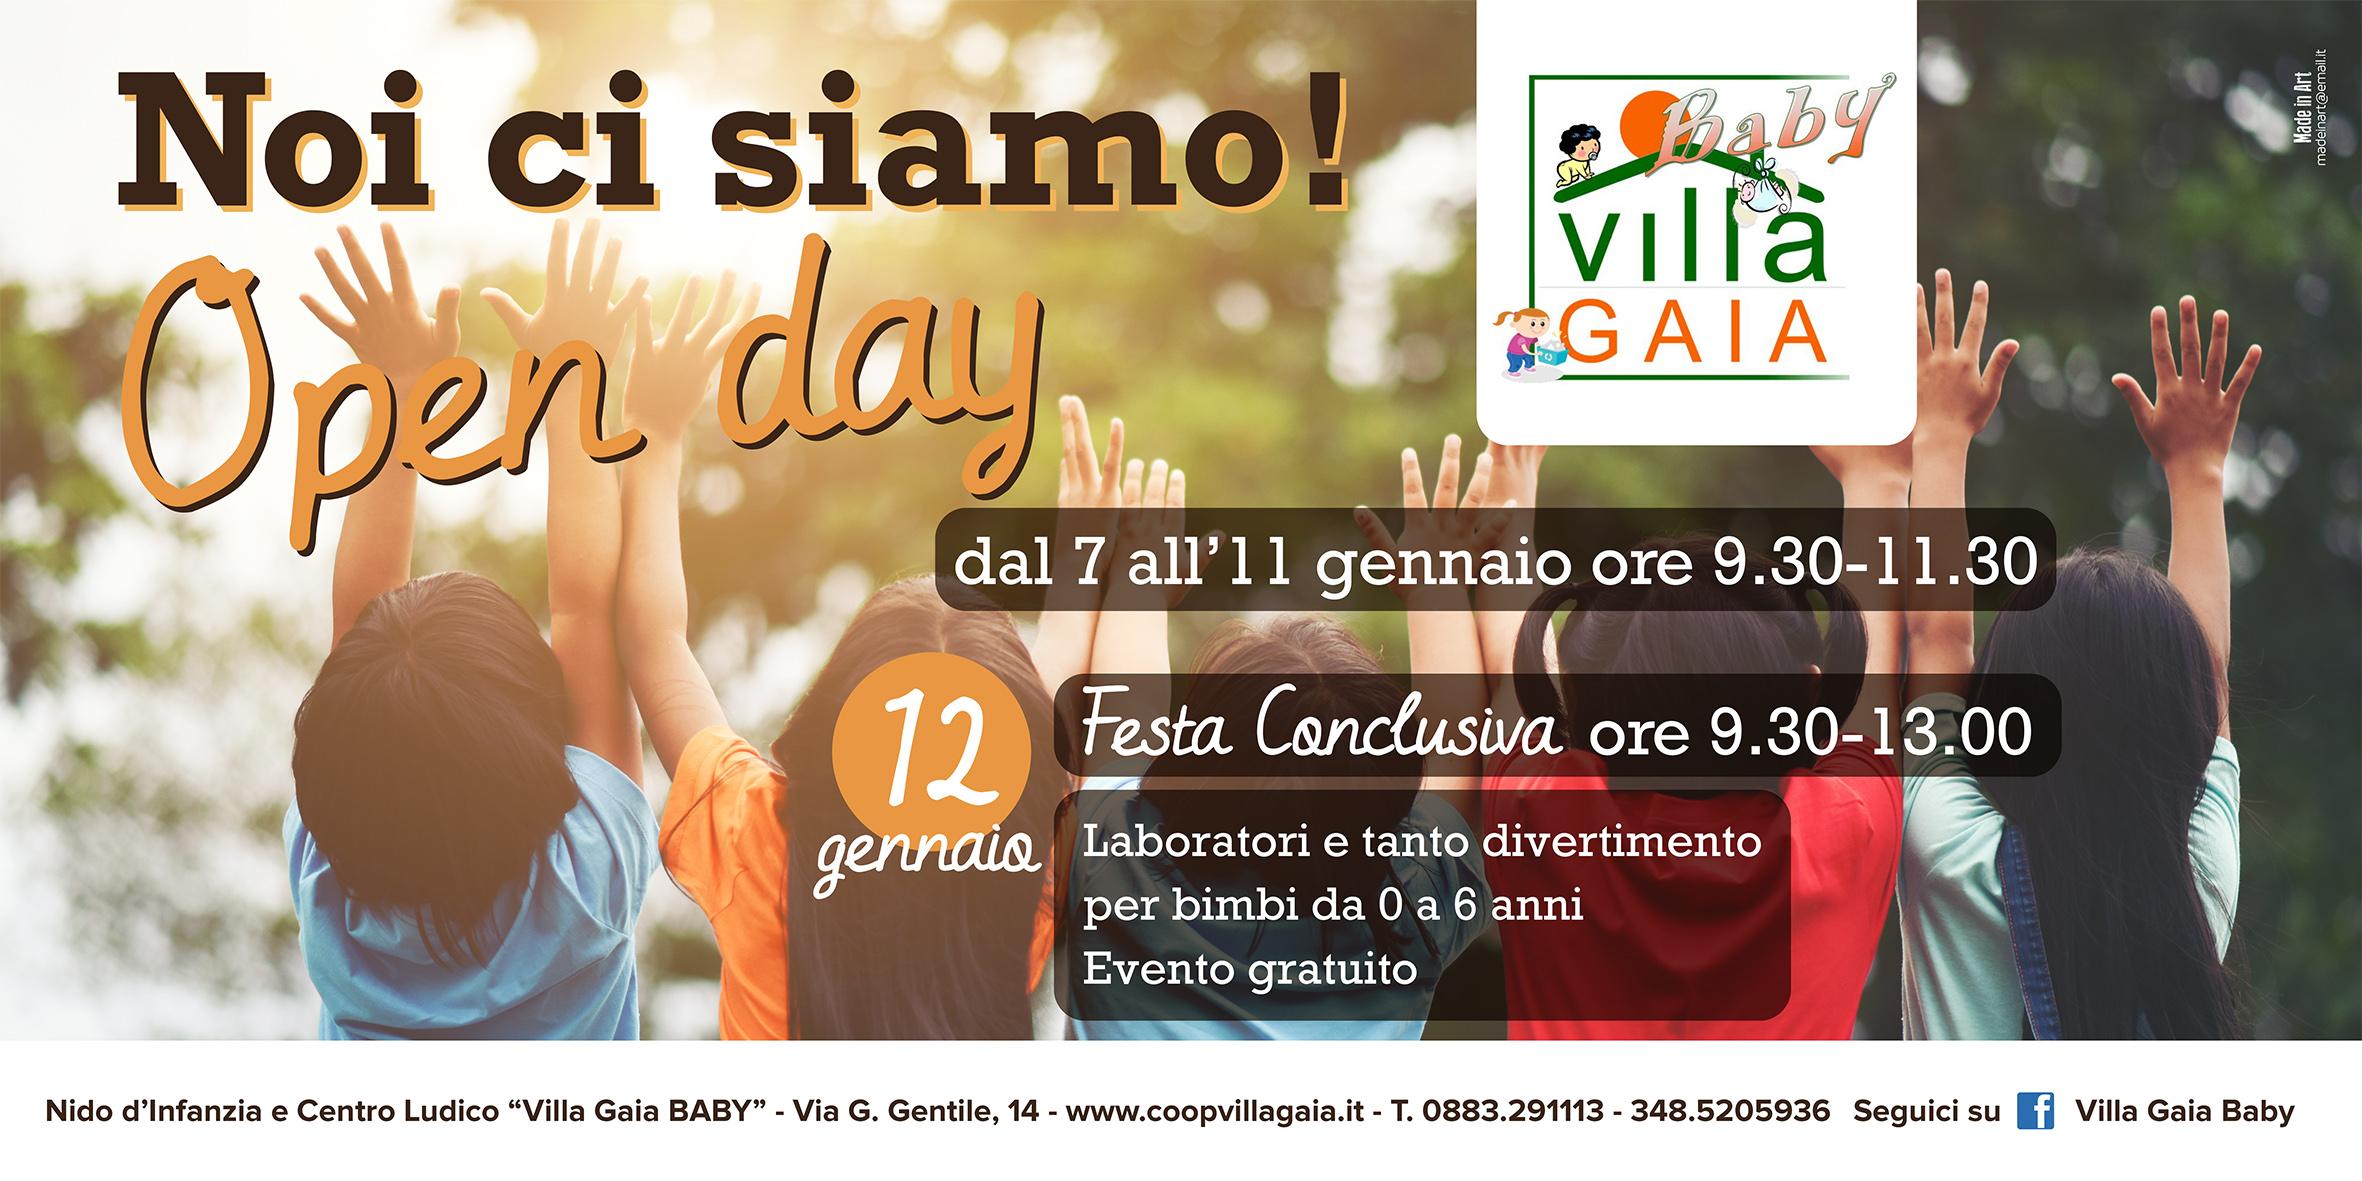 Nuovo Arredo Ad Andria.Andria Open Day Villa Gaia Baby Dal 7 Al 12 Gennaio Con